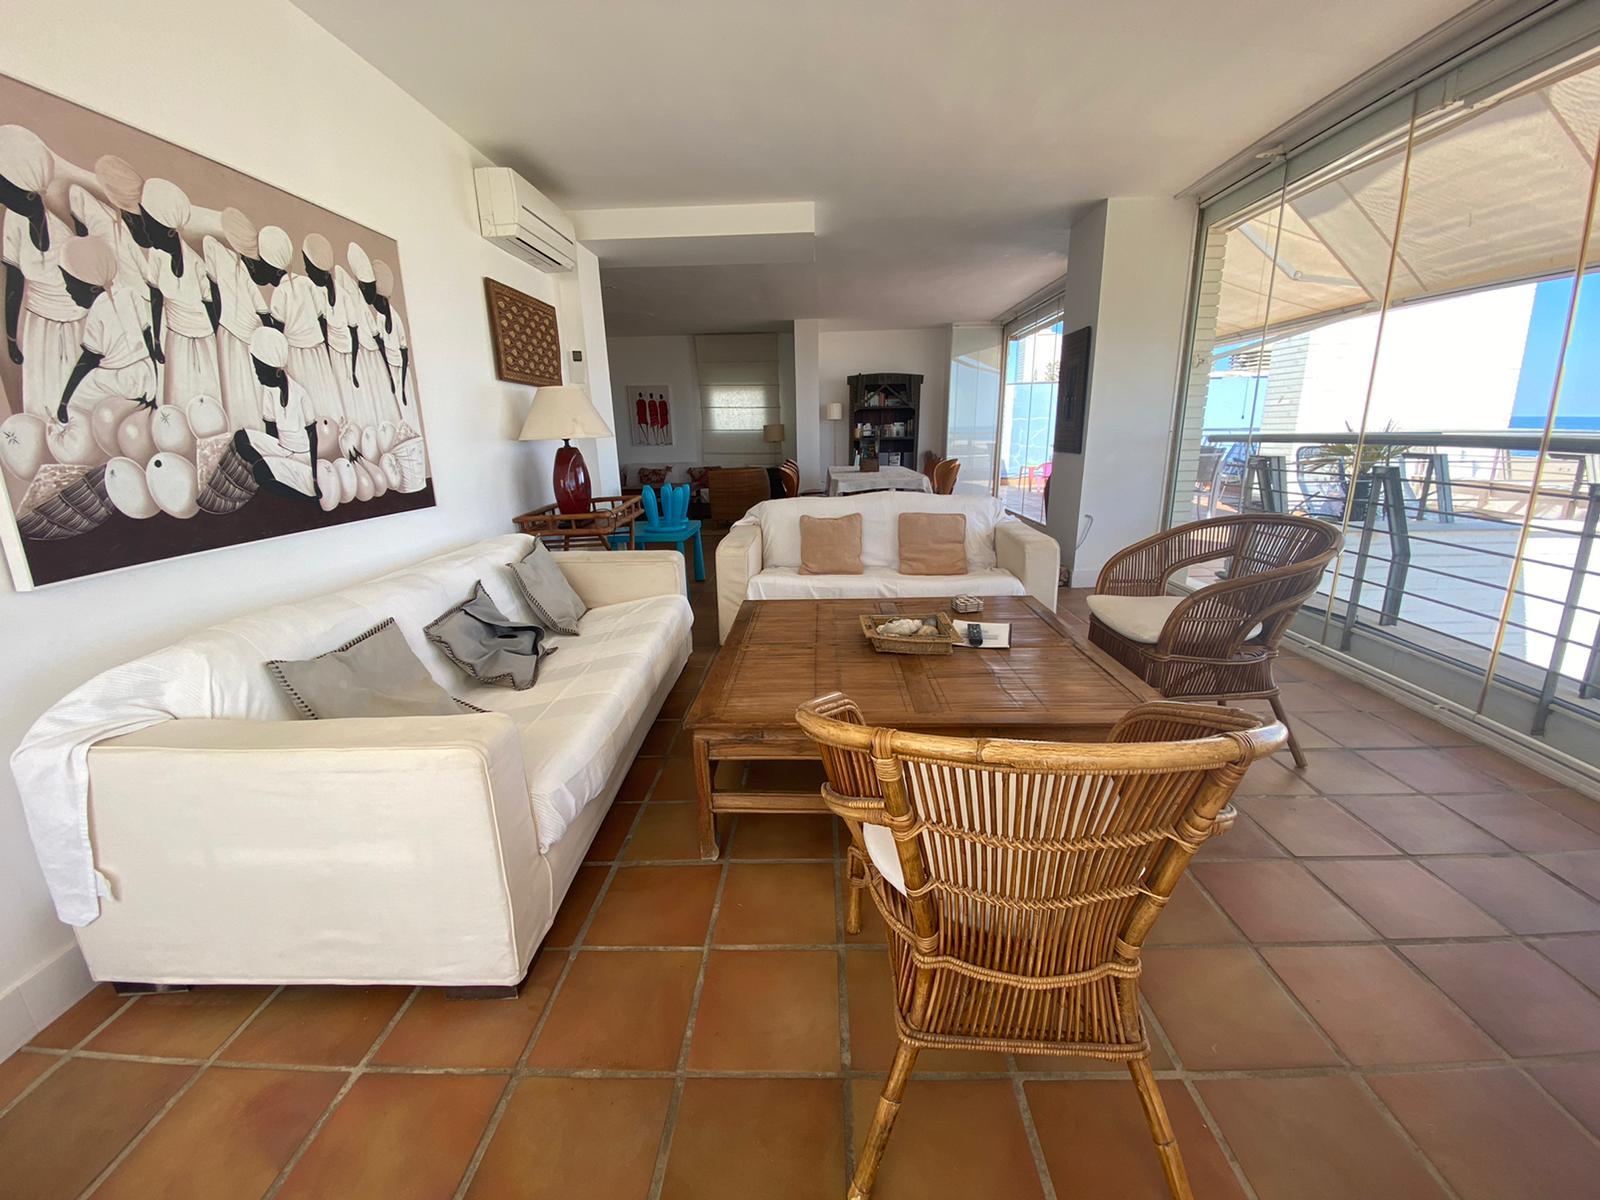 Imagen 12 del Apartamento Turístico, Ático 3 Levante, Frontal (4d+2b), Punta del Moral (HUELVA), Paseo de la Cruz nº22